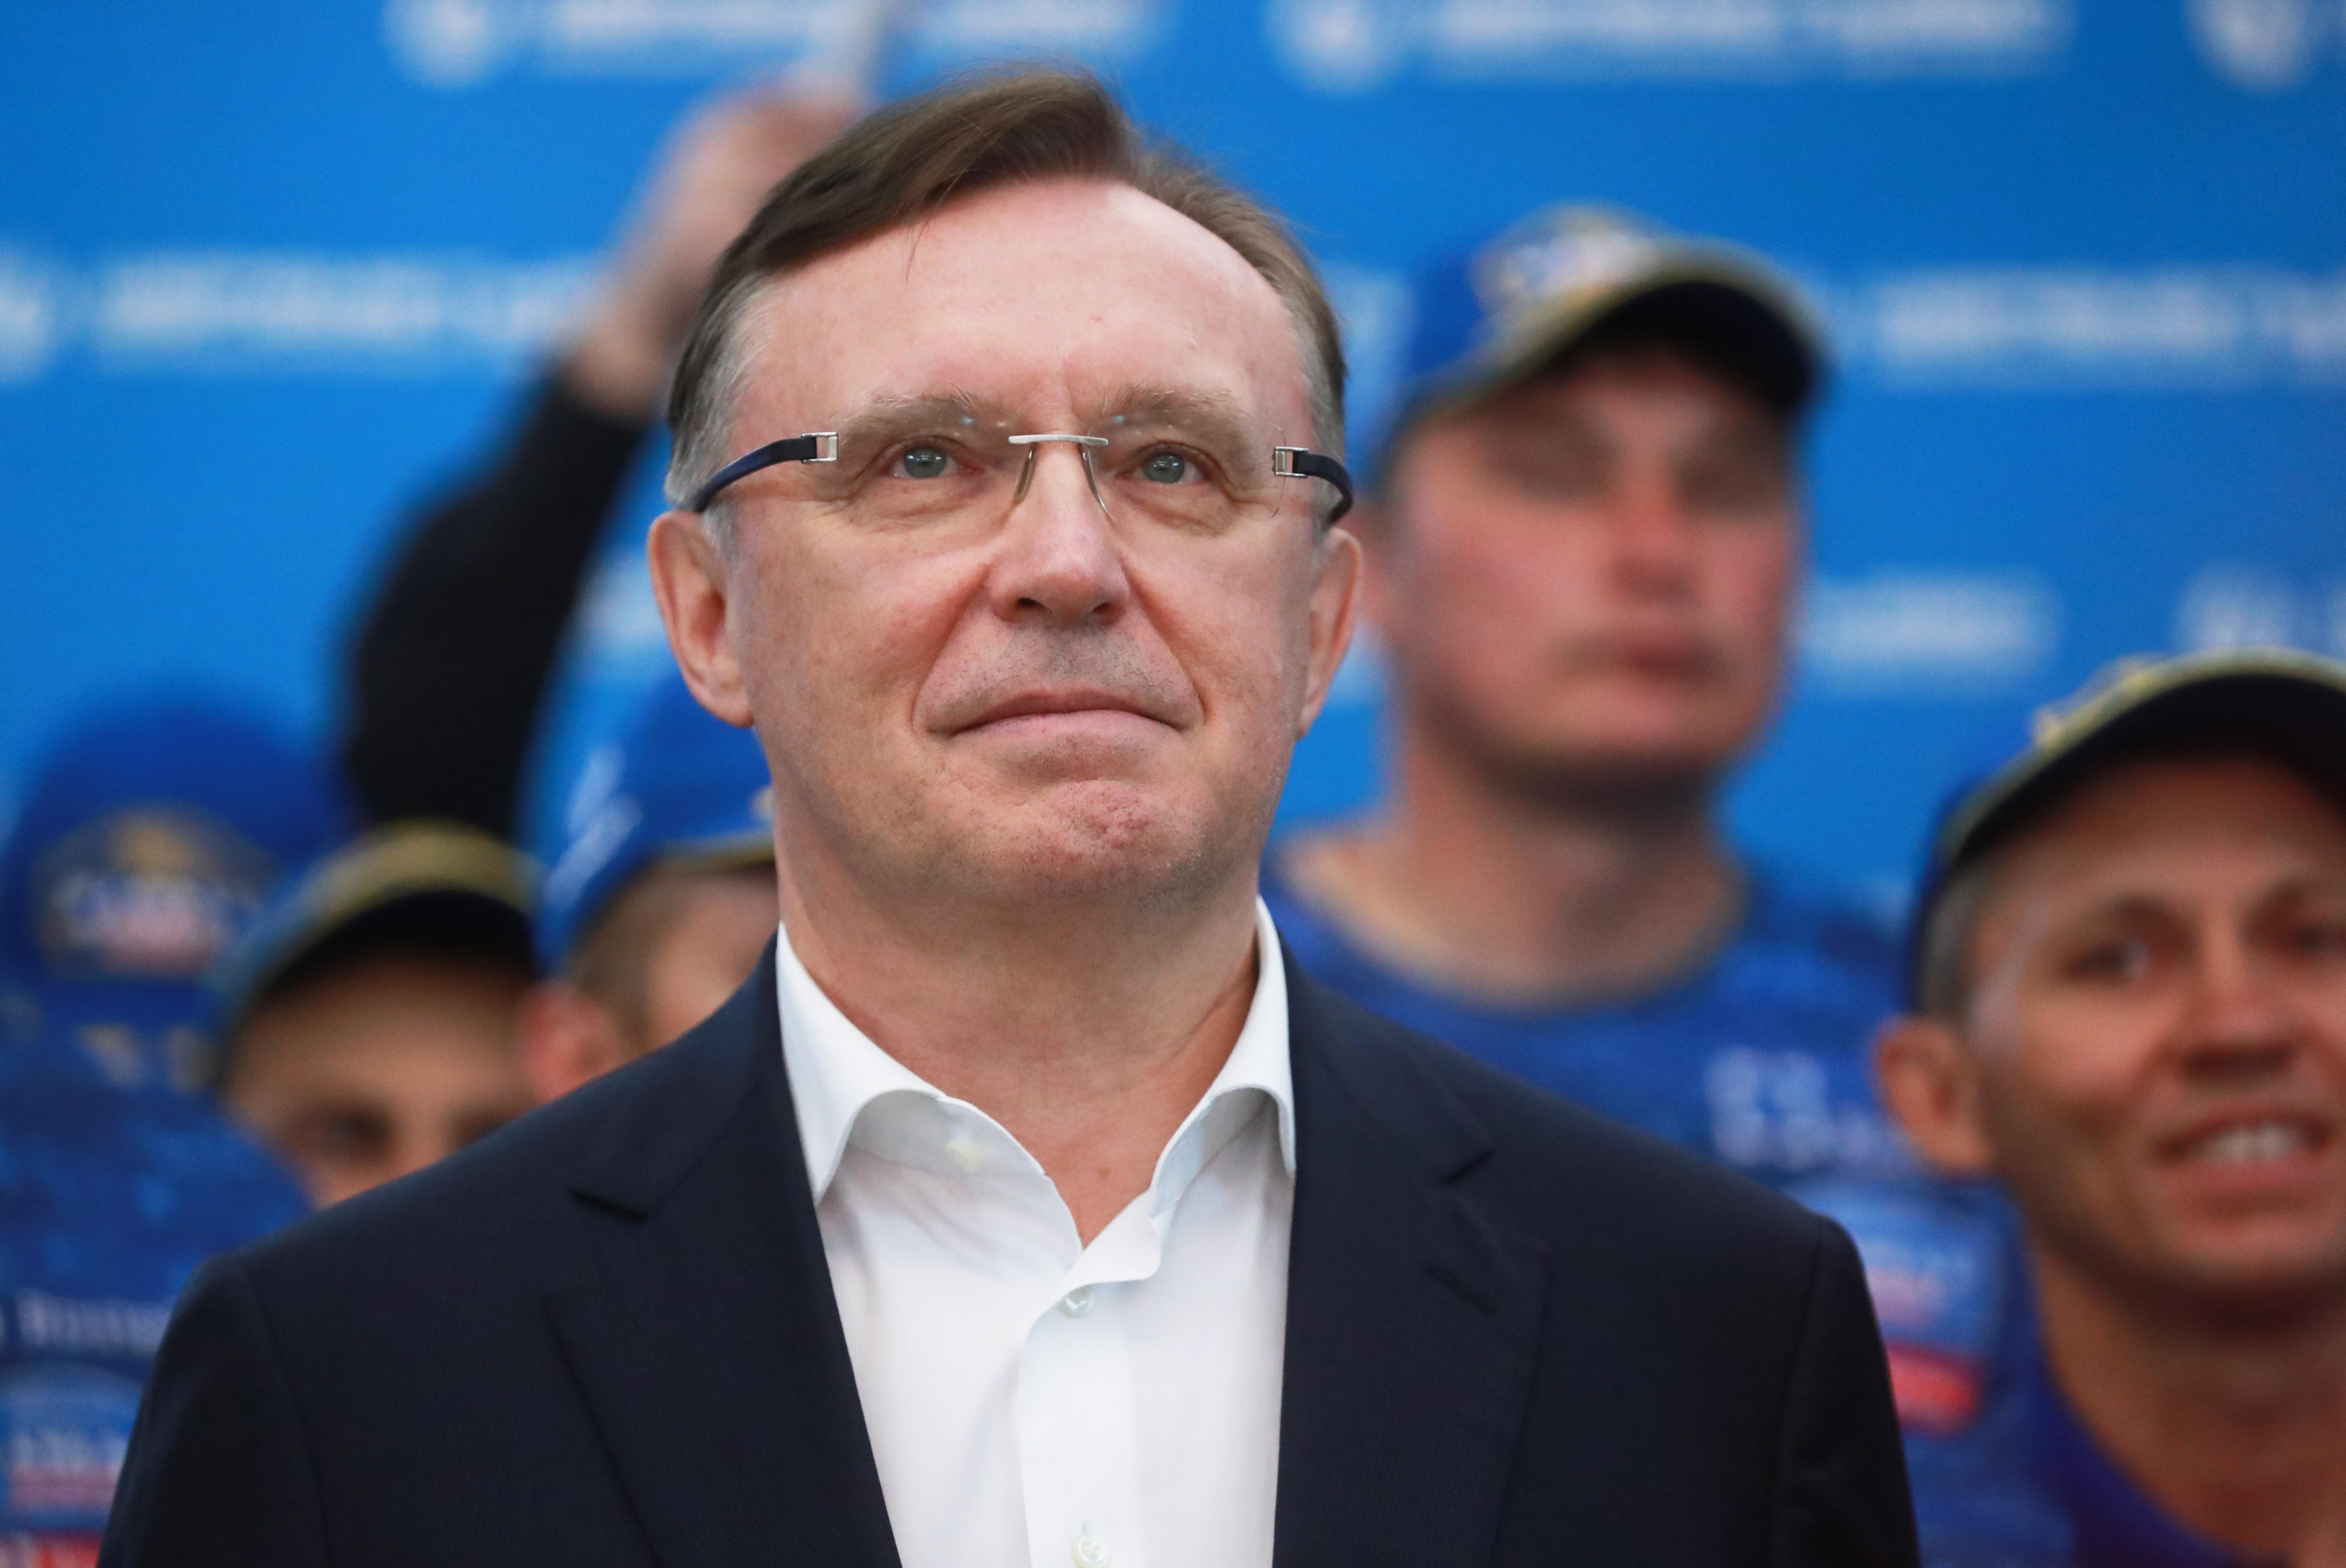 'Чётко и прозрачно'. Гендиректор КамАЗа оценил процедуру голосования по поправкам к конституции